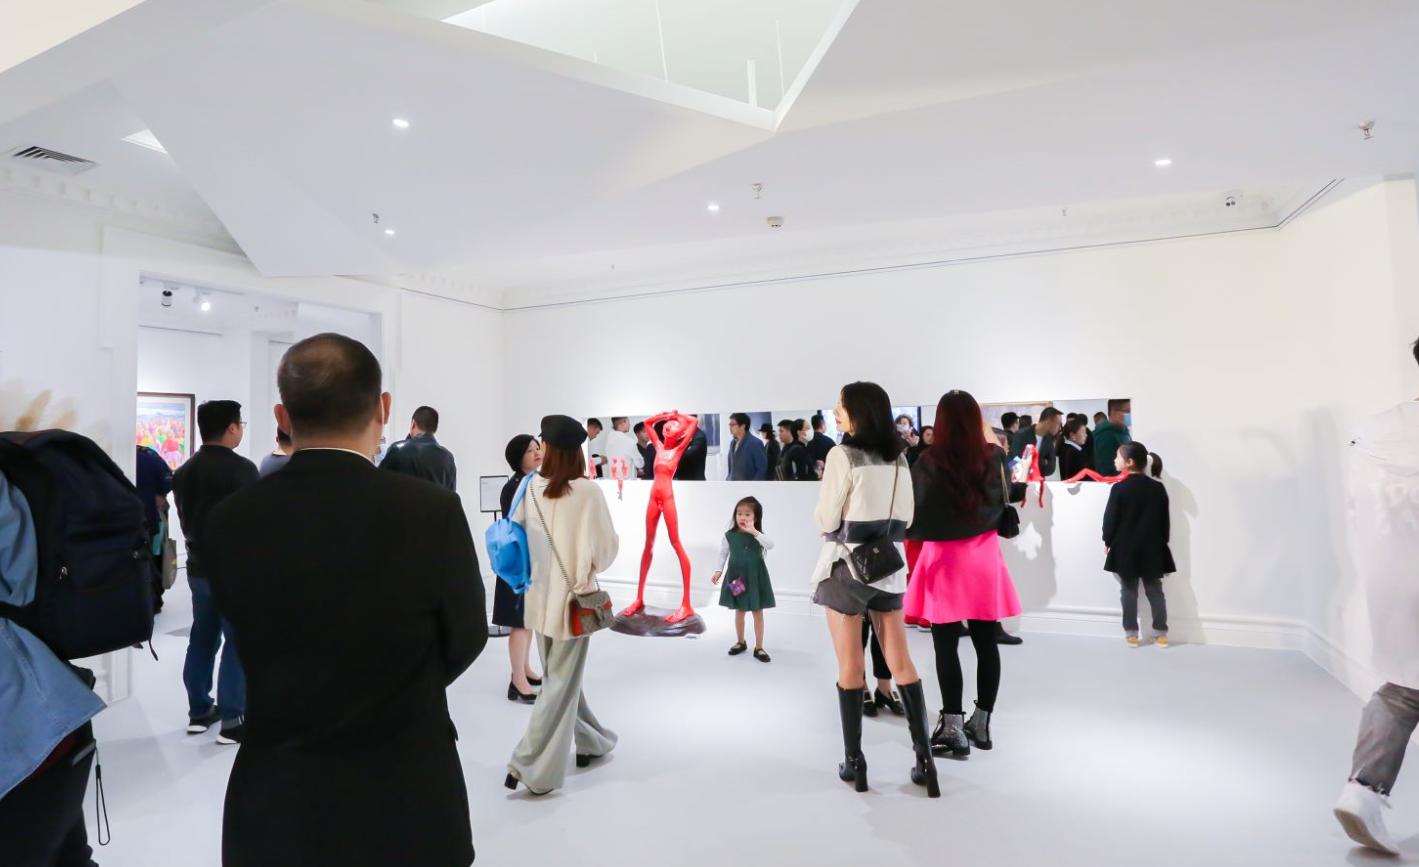 富森万博体育ManBetX登陆馆正式开馆,开启「家居艺术场景」新纪元